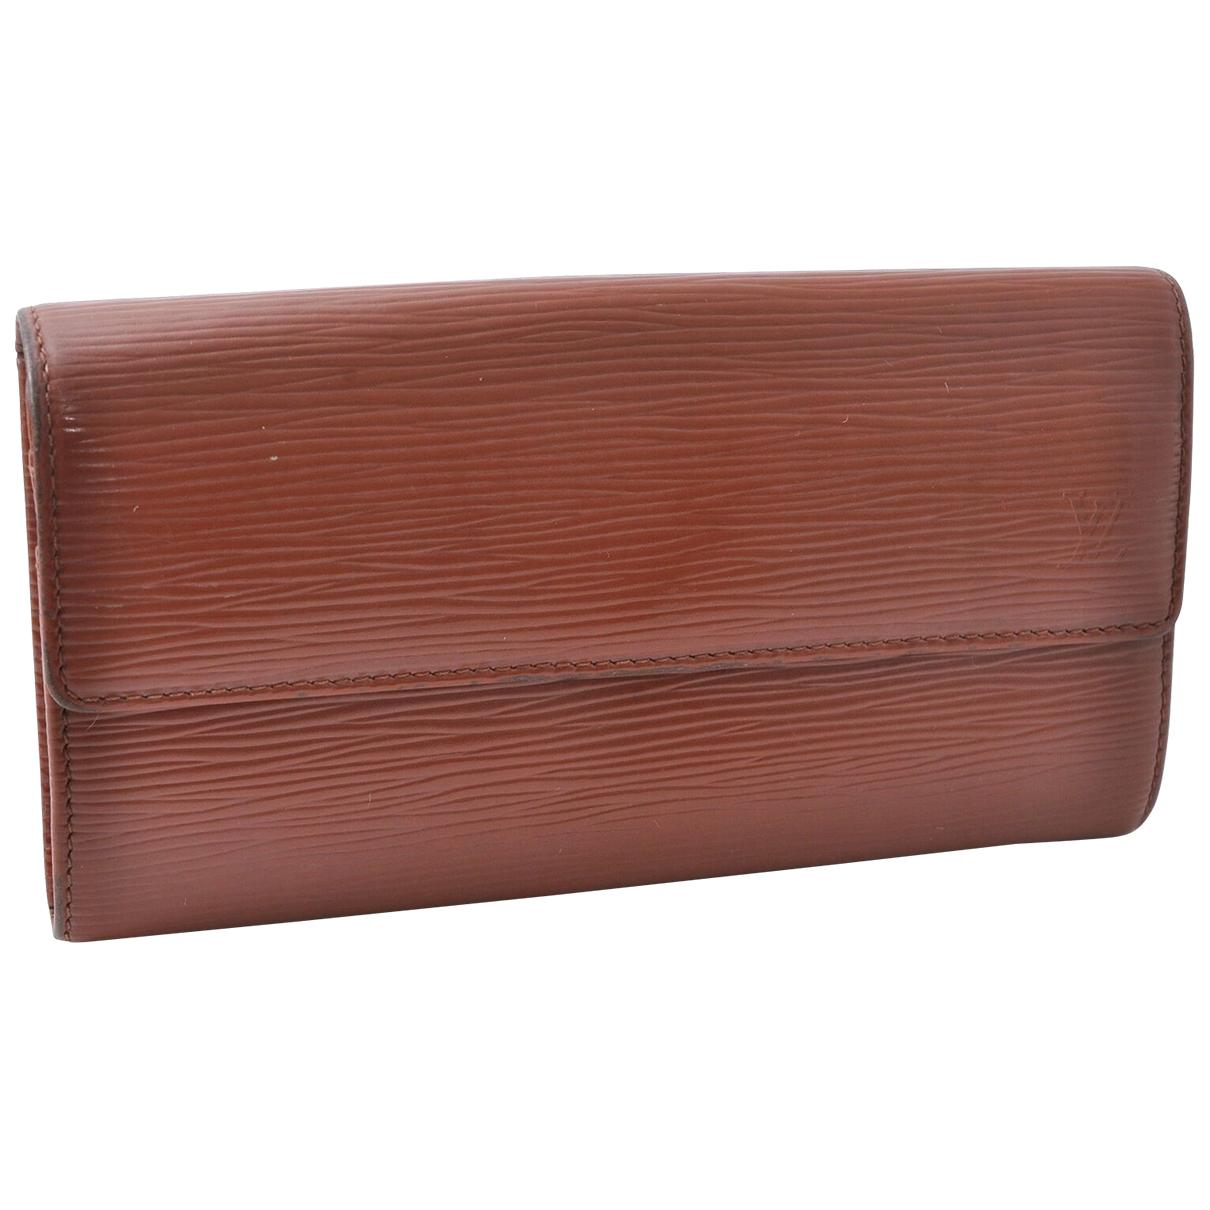 Louis Vuitton - Portefeuille Sarah pour femme en cuir - marron